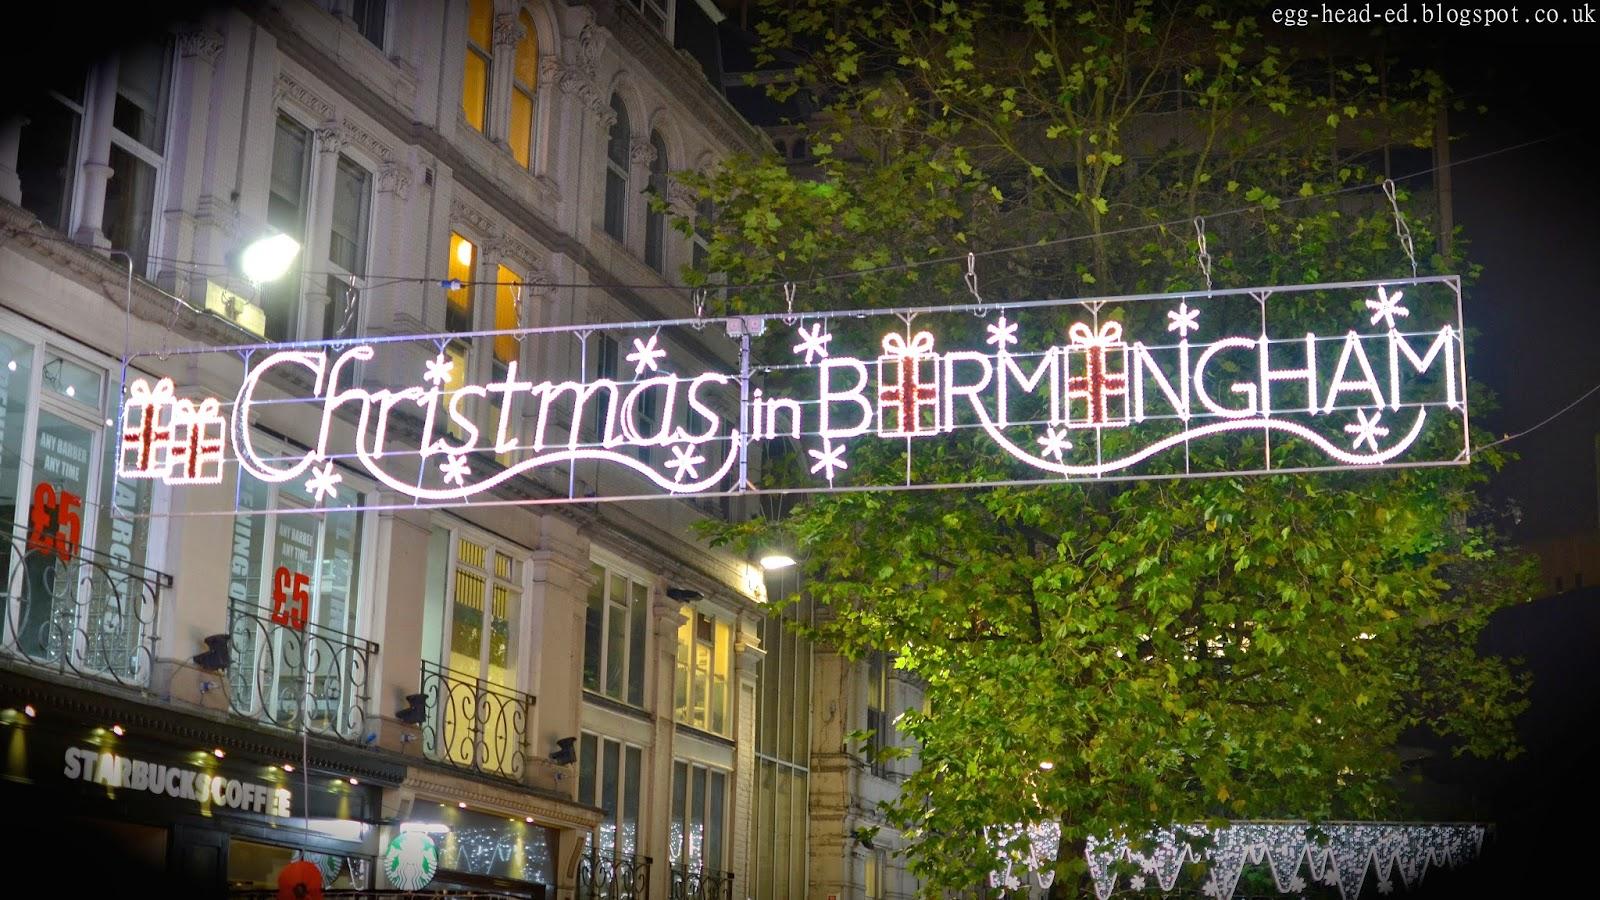 Birmingham Christmas Market Signage